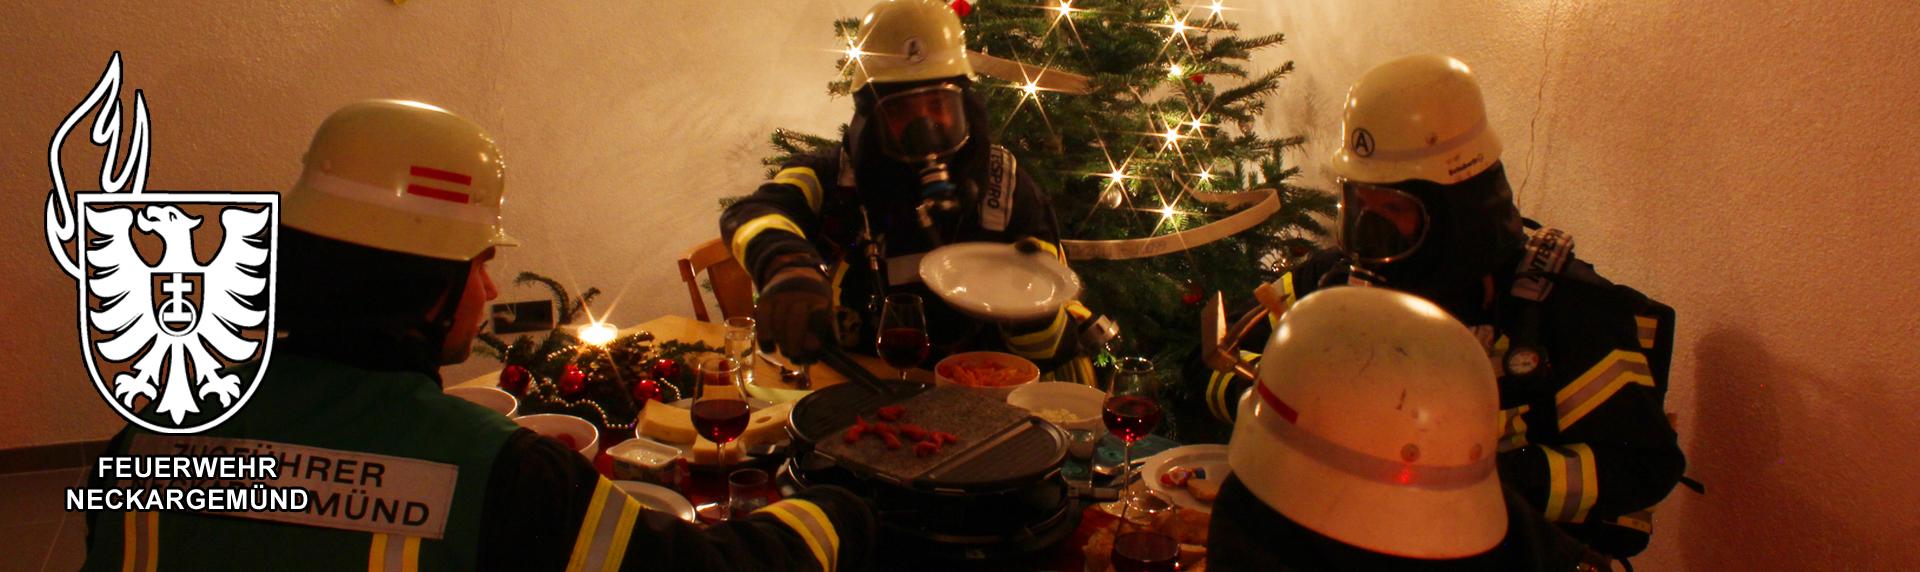 Feuerwehr Neckargemünd